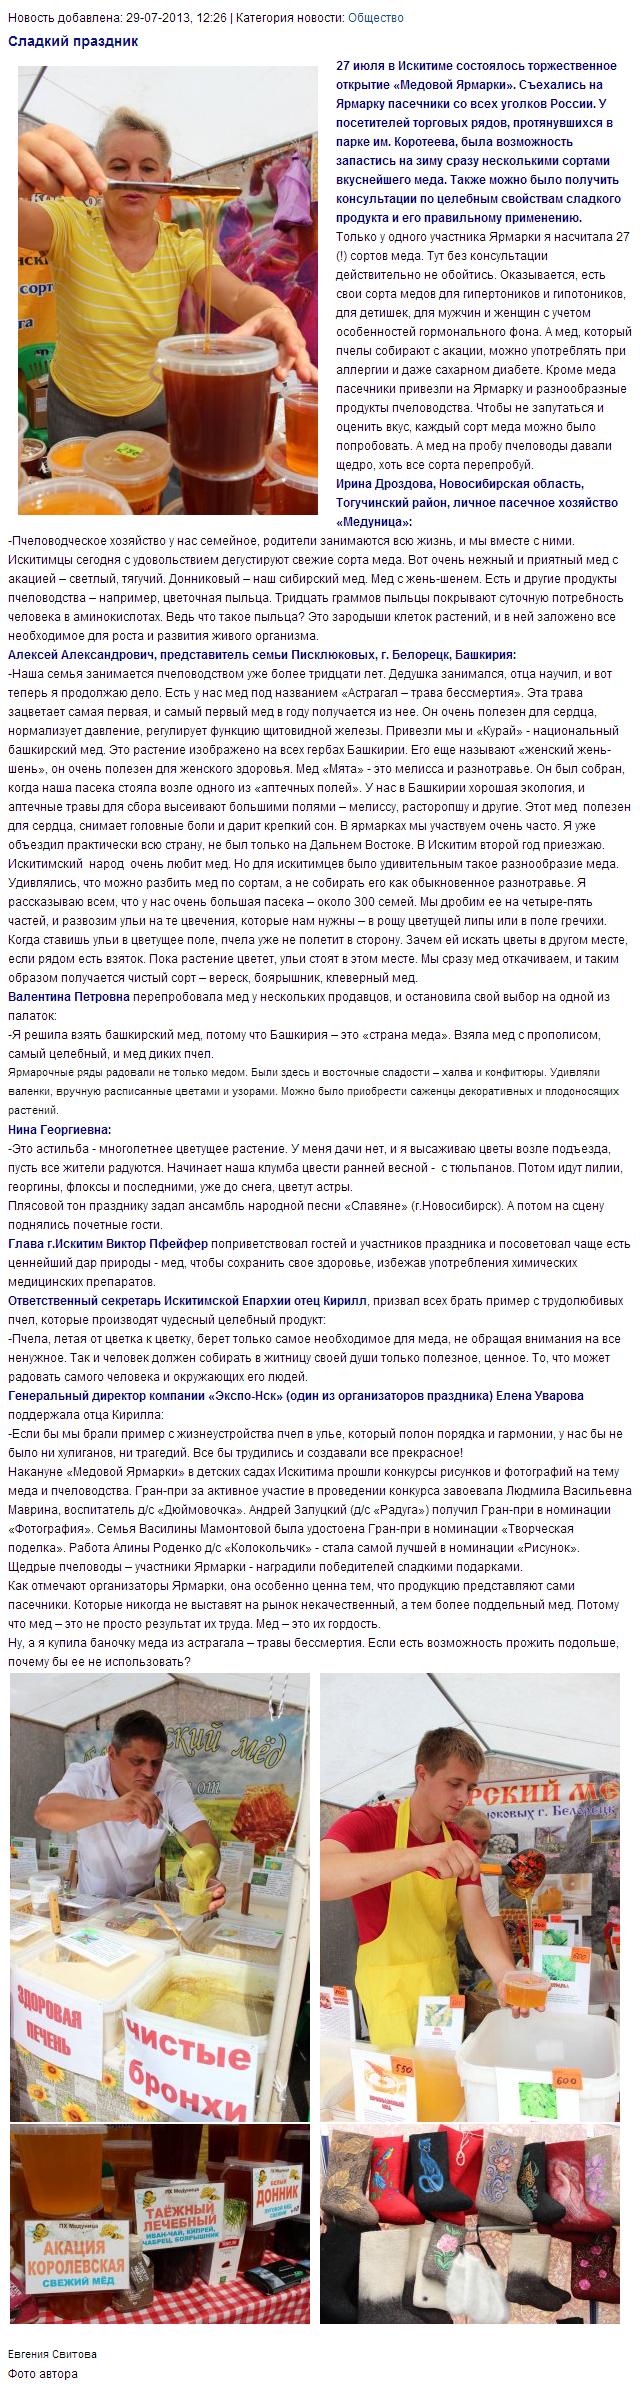 http://www.konkyrent.ru/main/4086-sladkiy-prazdnik.html